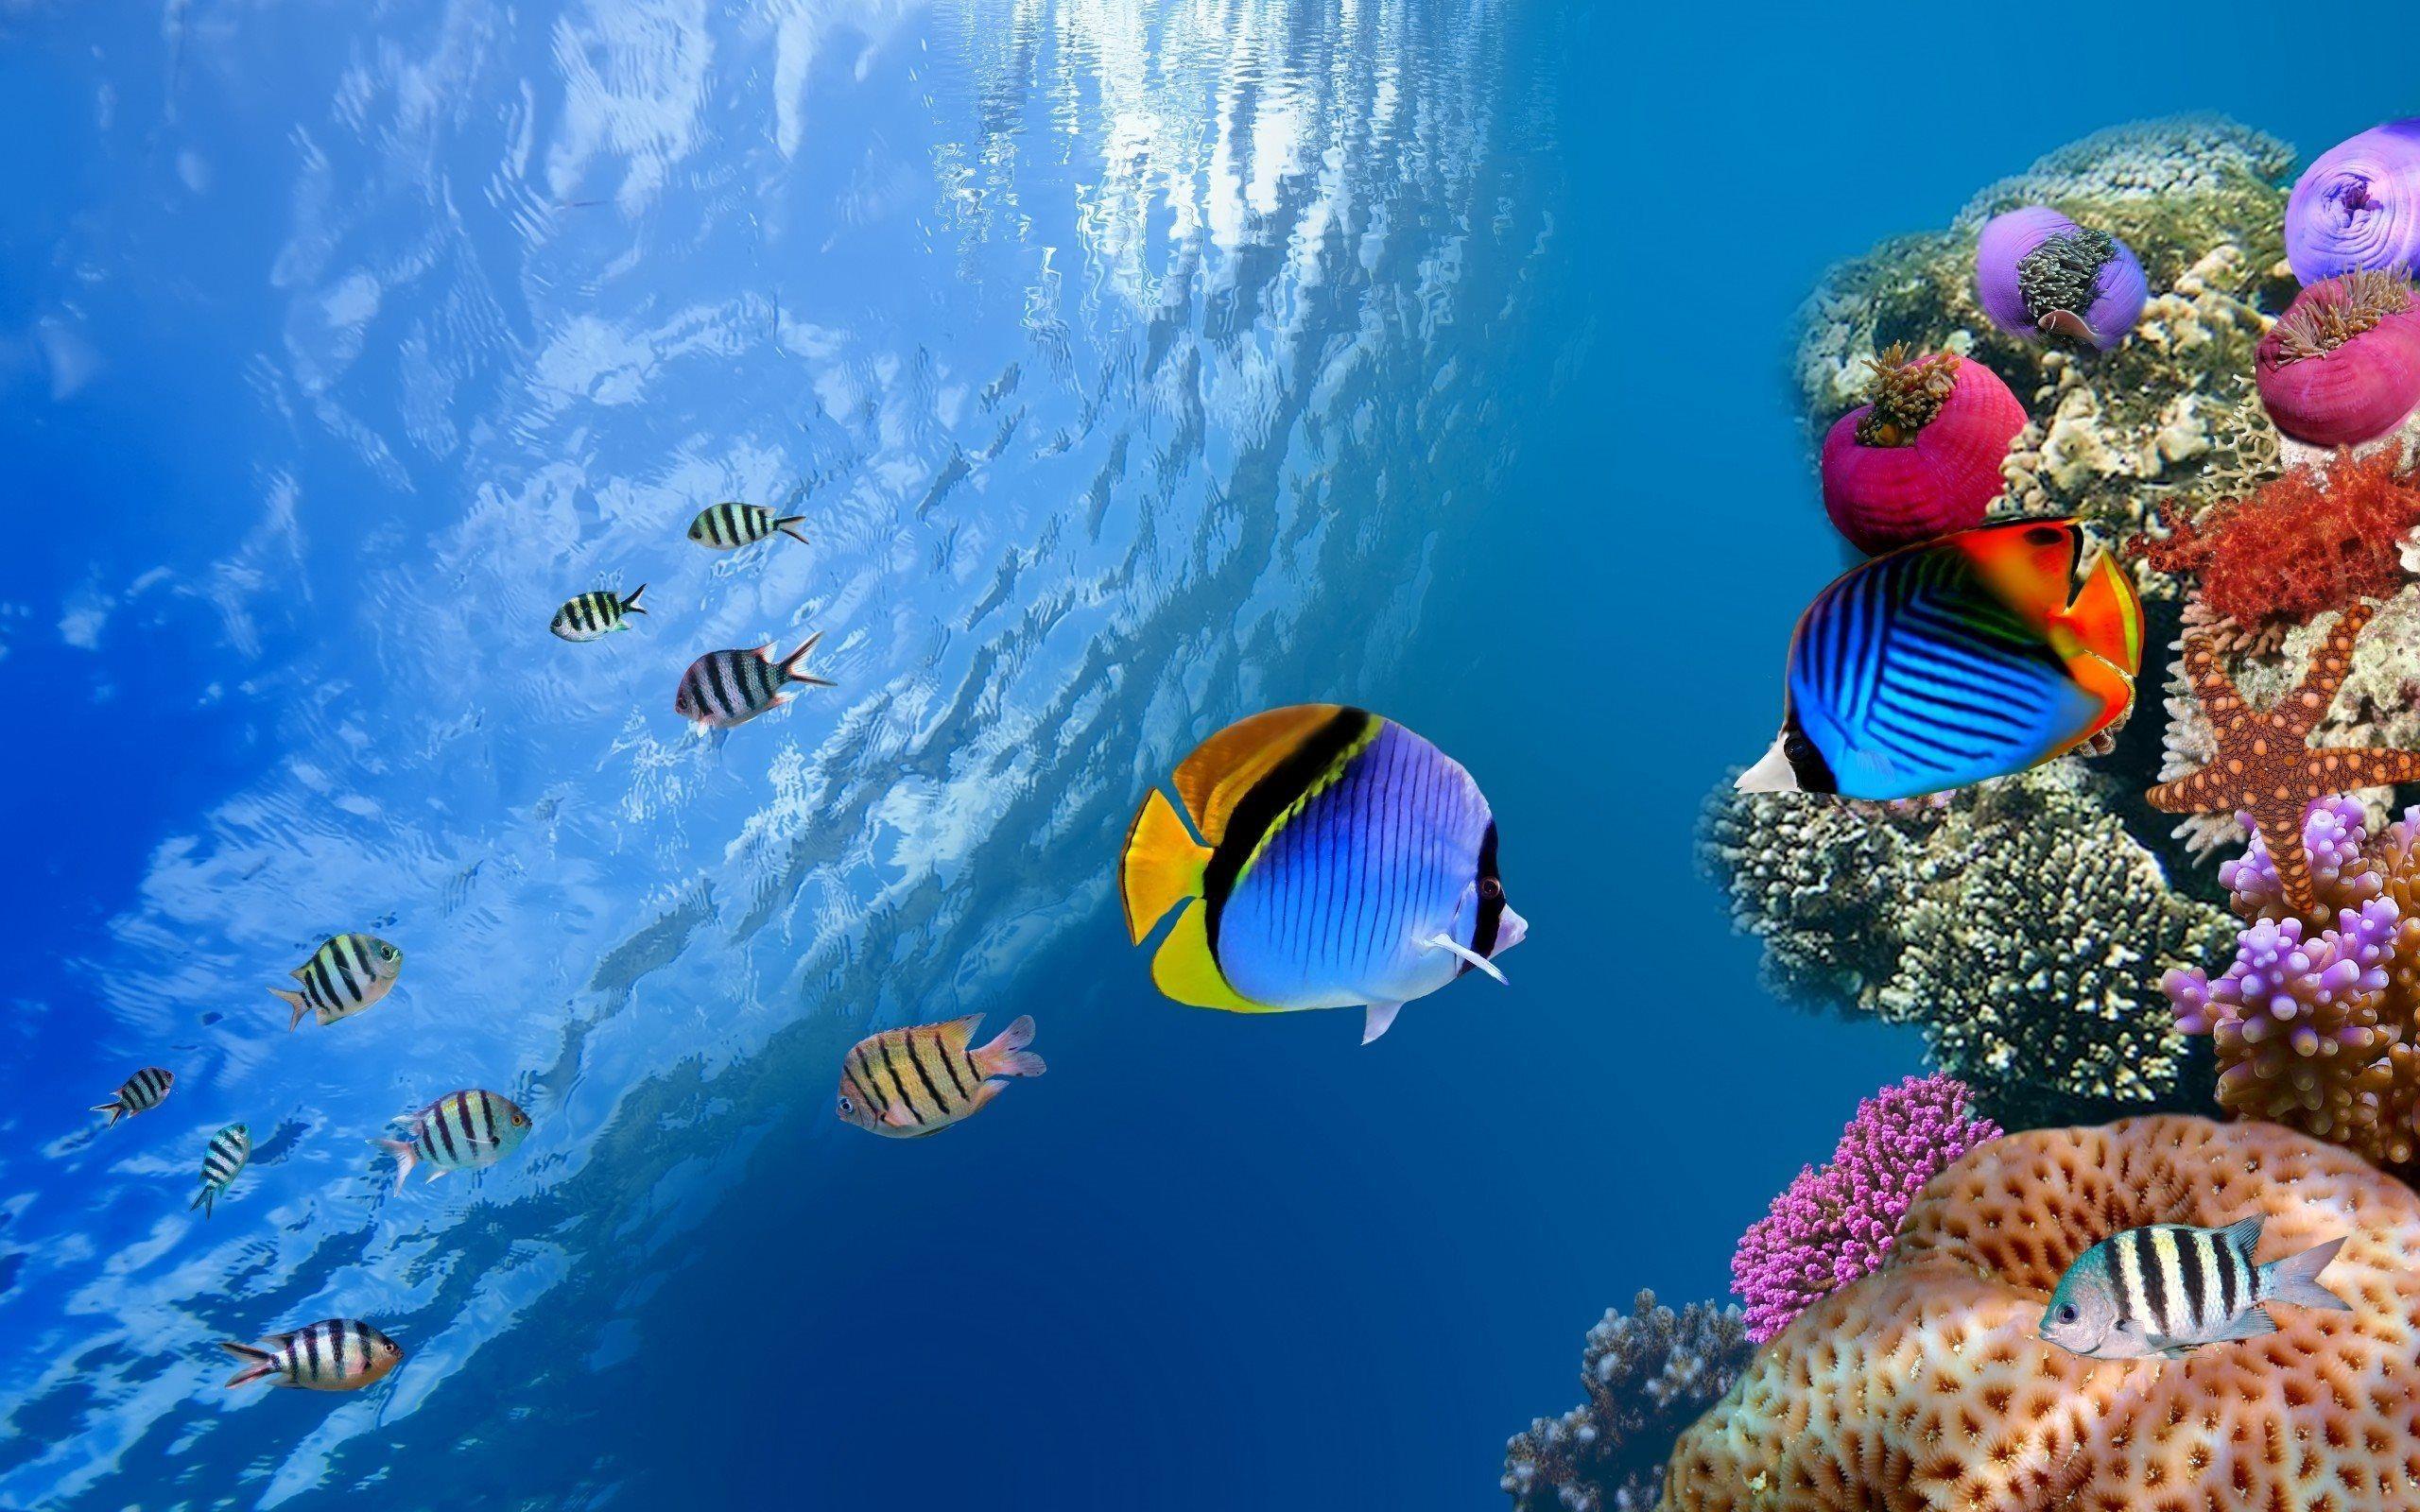 underwater eden coral reef free desktop background - free